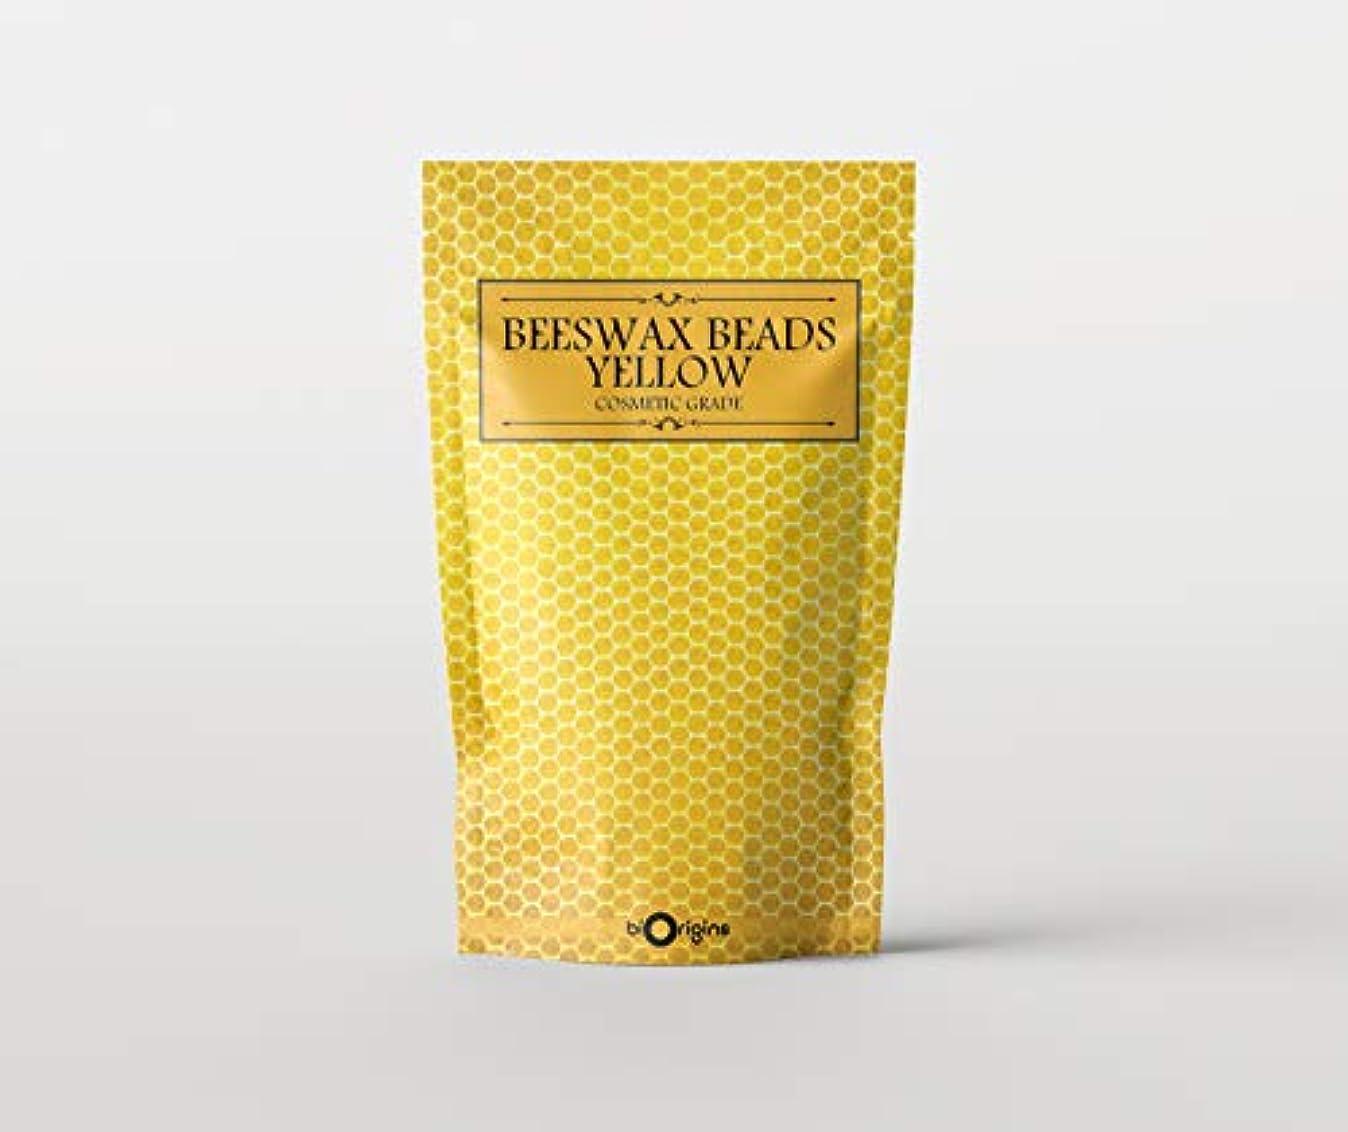 かき混ぜる量で厚いBeeswax Beads Yellow - Cosmetic Grade - 500g